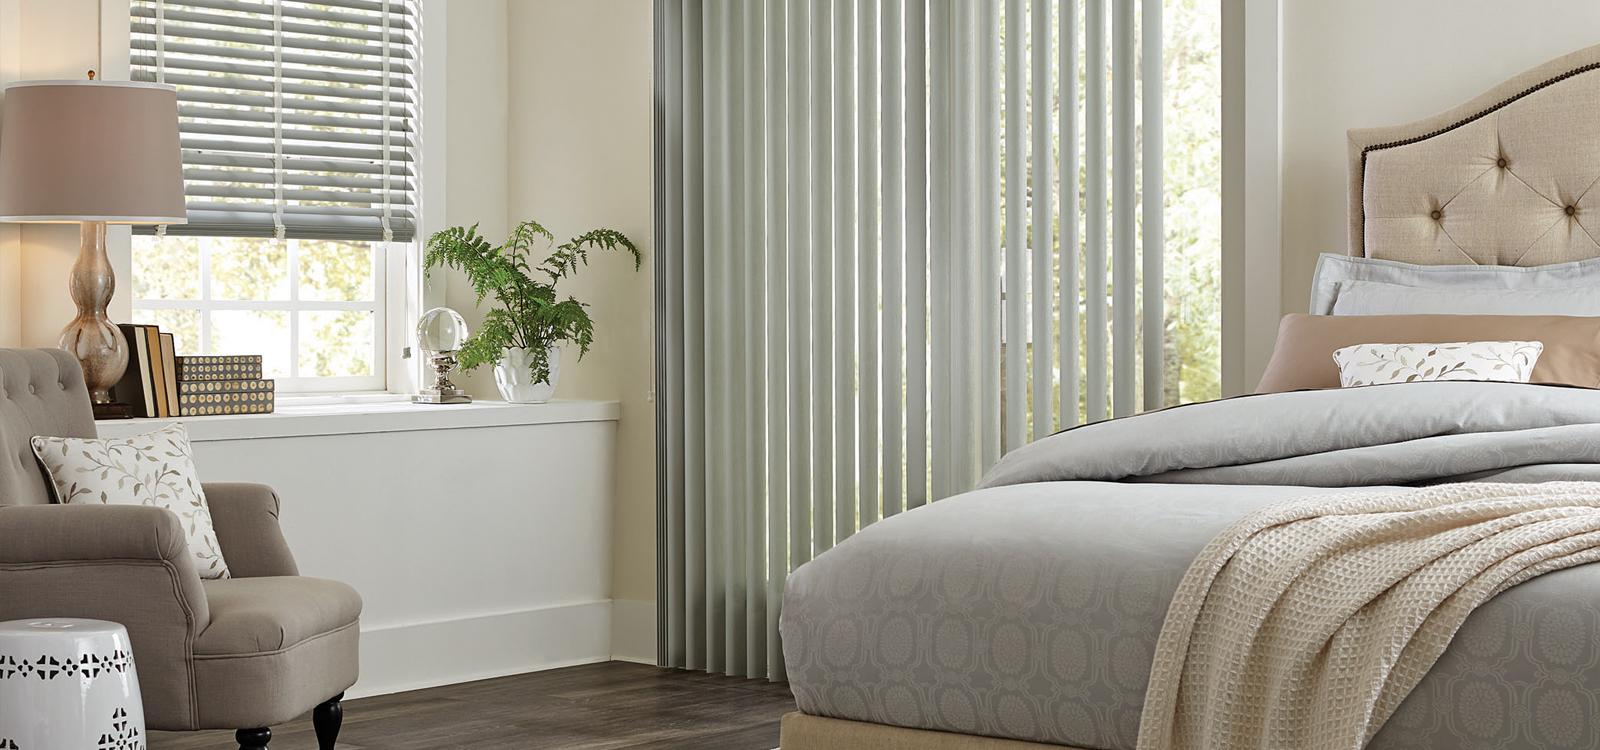 Winwear Window Treatments Commercial Blinds Z Blinds